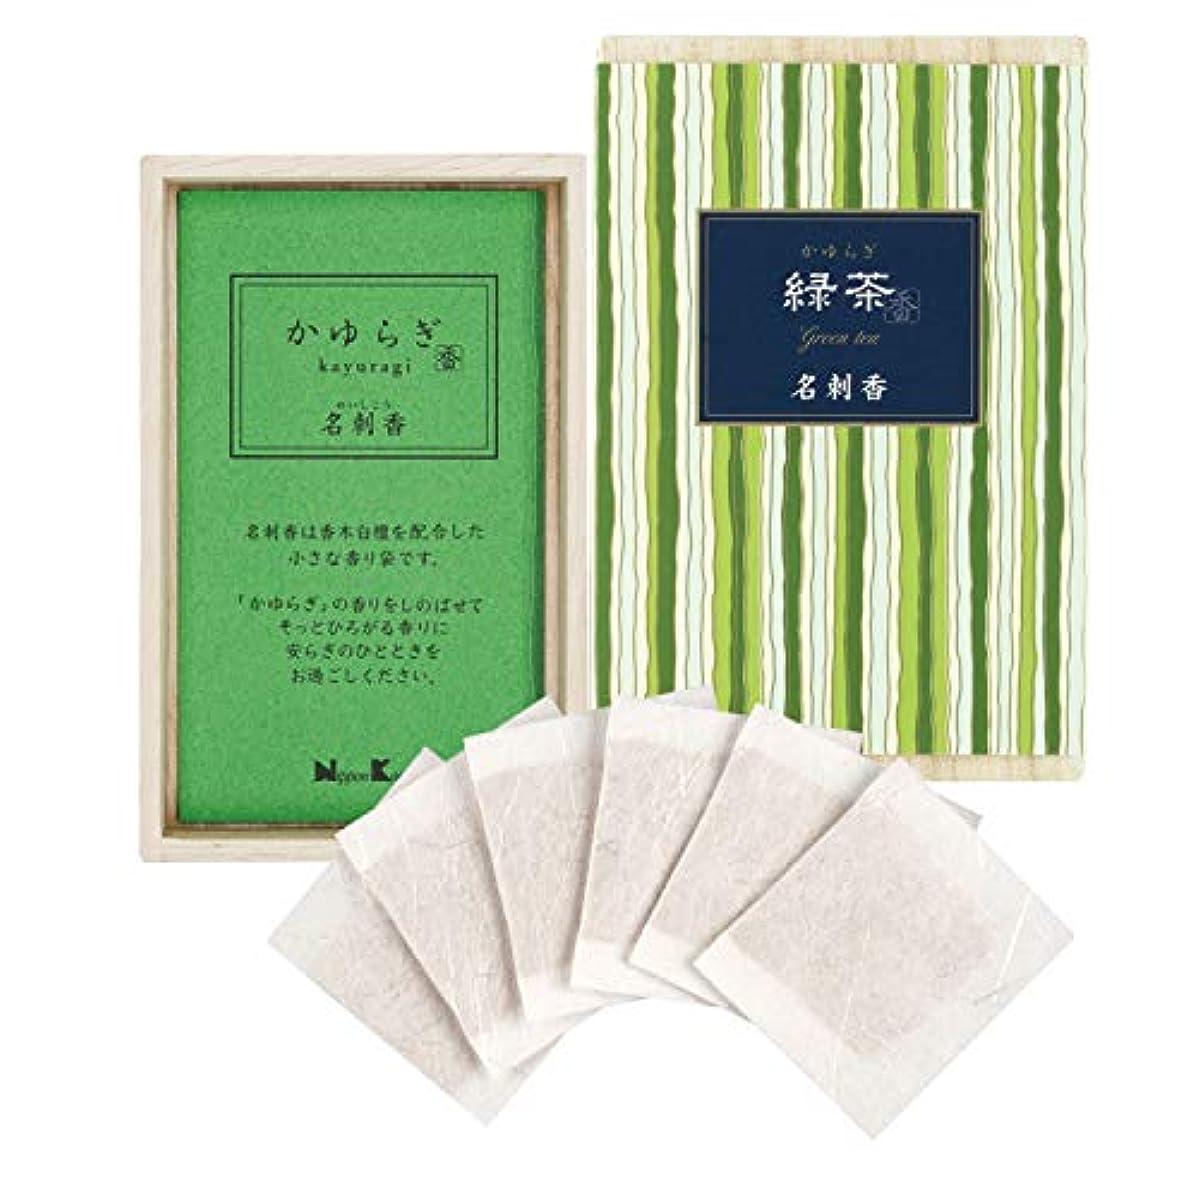 続けるいつでも試験かゆらぎ 緑茶 名刺香 桐箱 6入